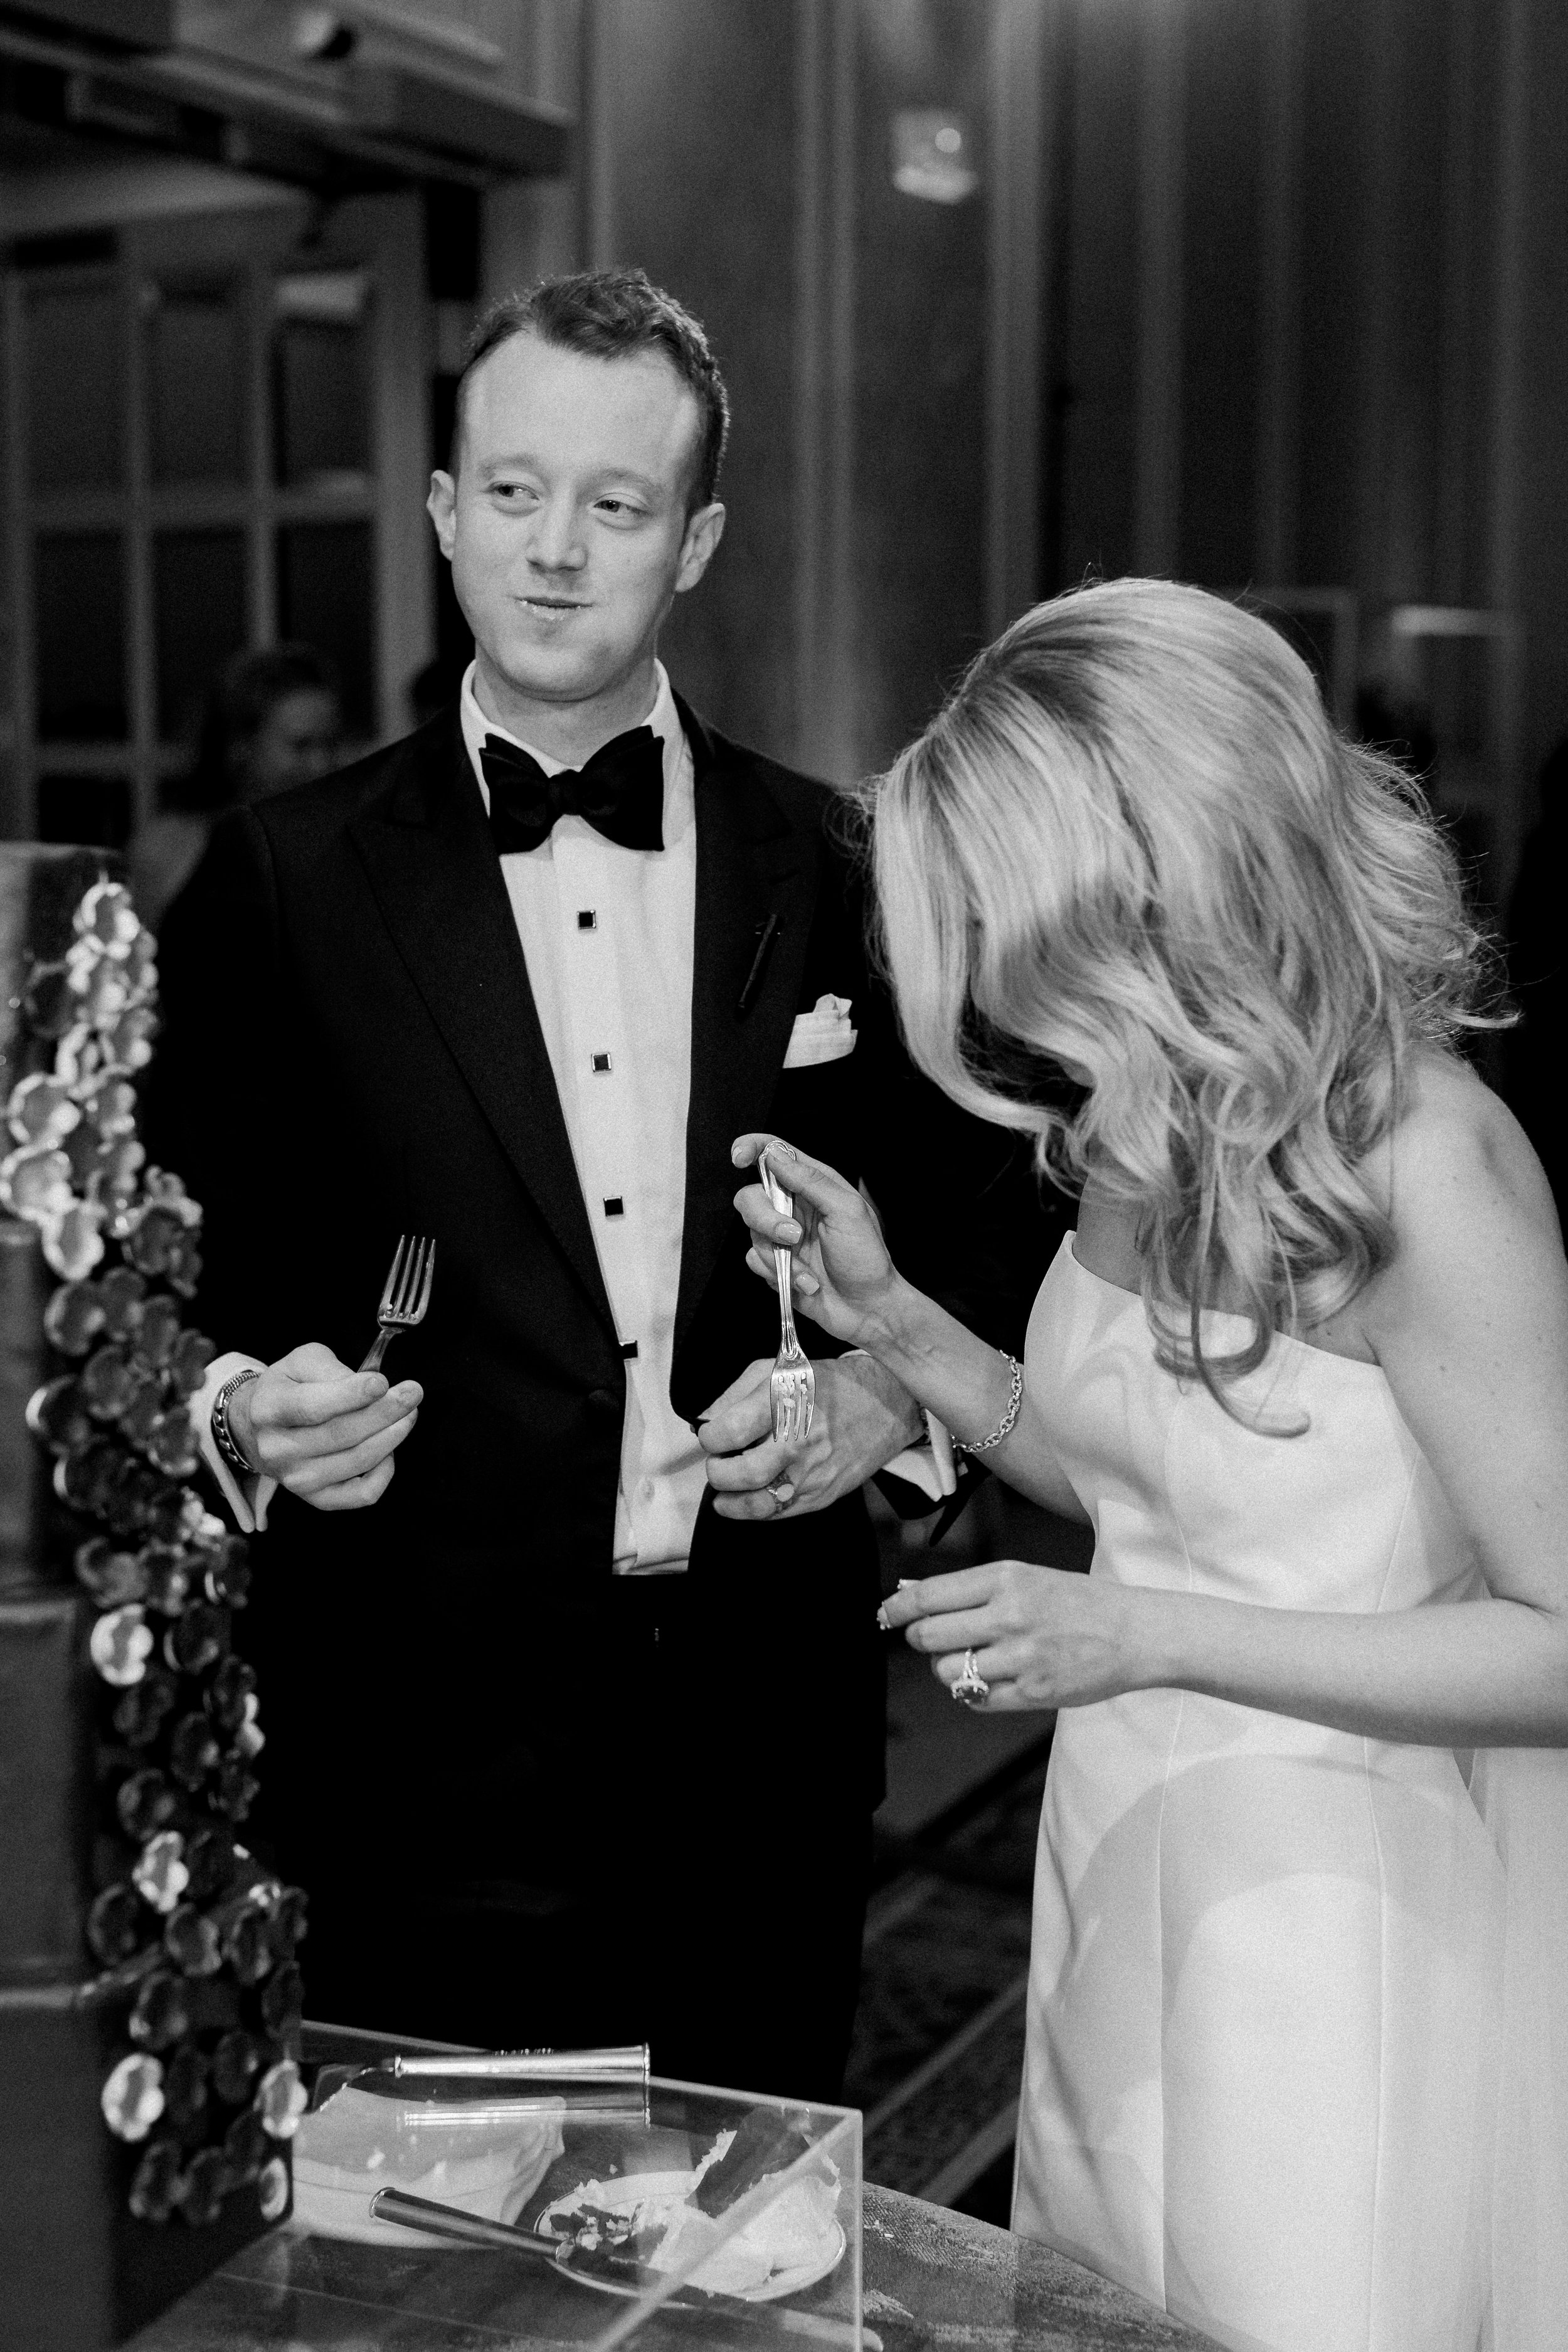 Reception - Adolphus Wedding - Dallas Wedding Planner - Allday Events - 197.jpg